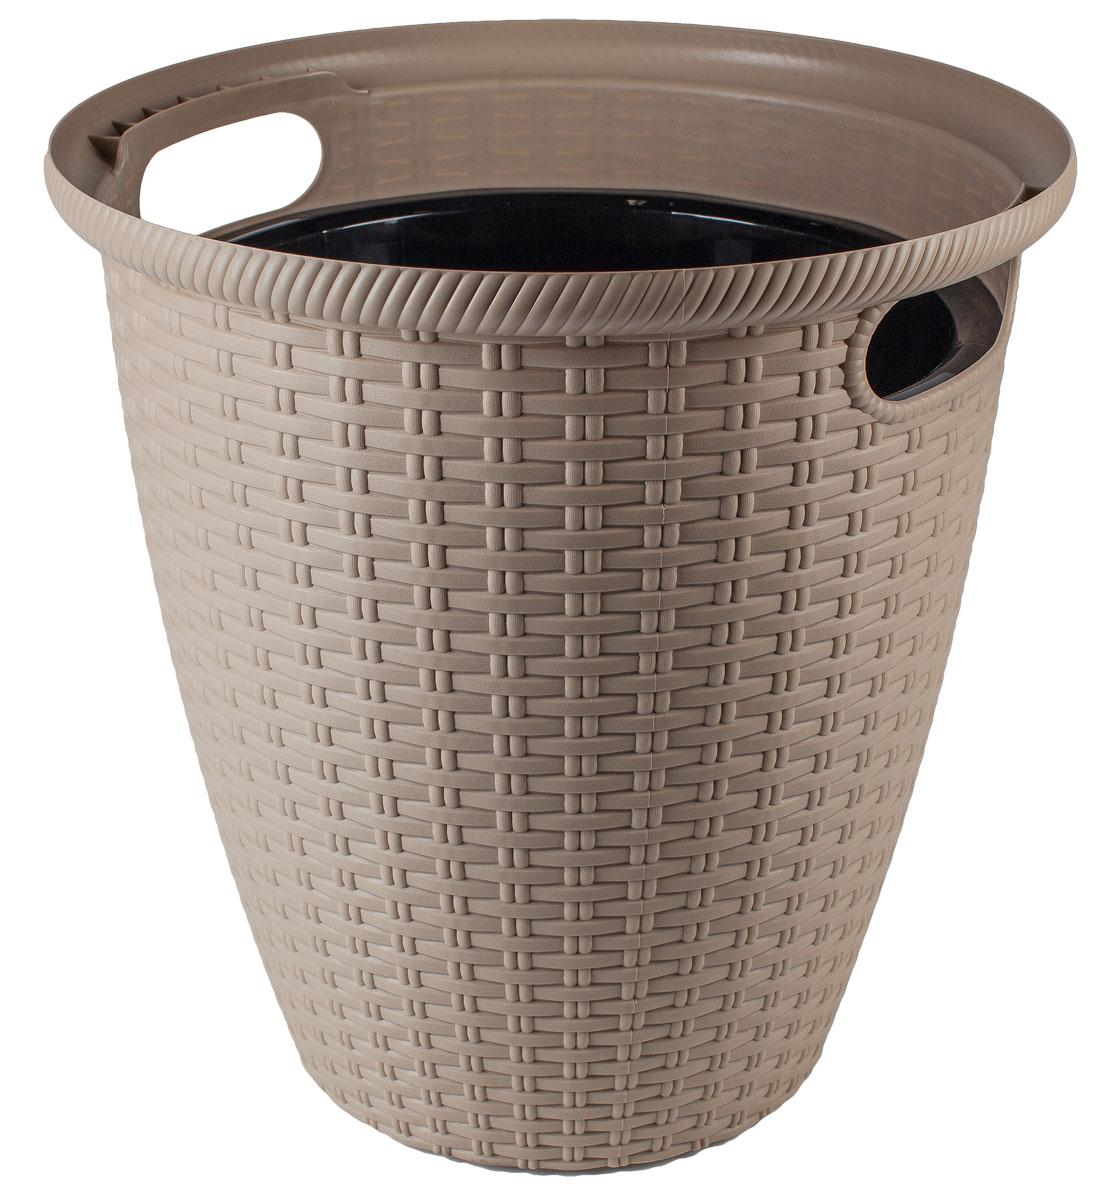 Кашпо InGreen Ротанг, напольное, цвет: шоколадный, диаметр 38 см кашпо для домашних растений umbra giardino цвет белый 34 х 16 х 34 см